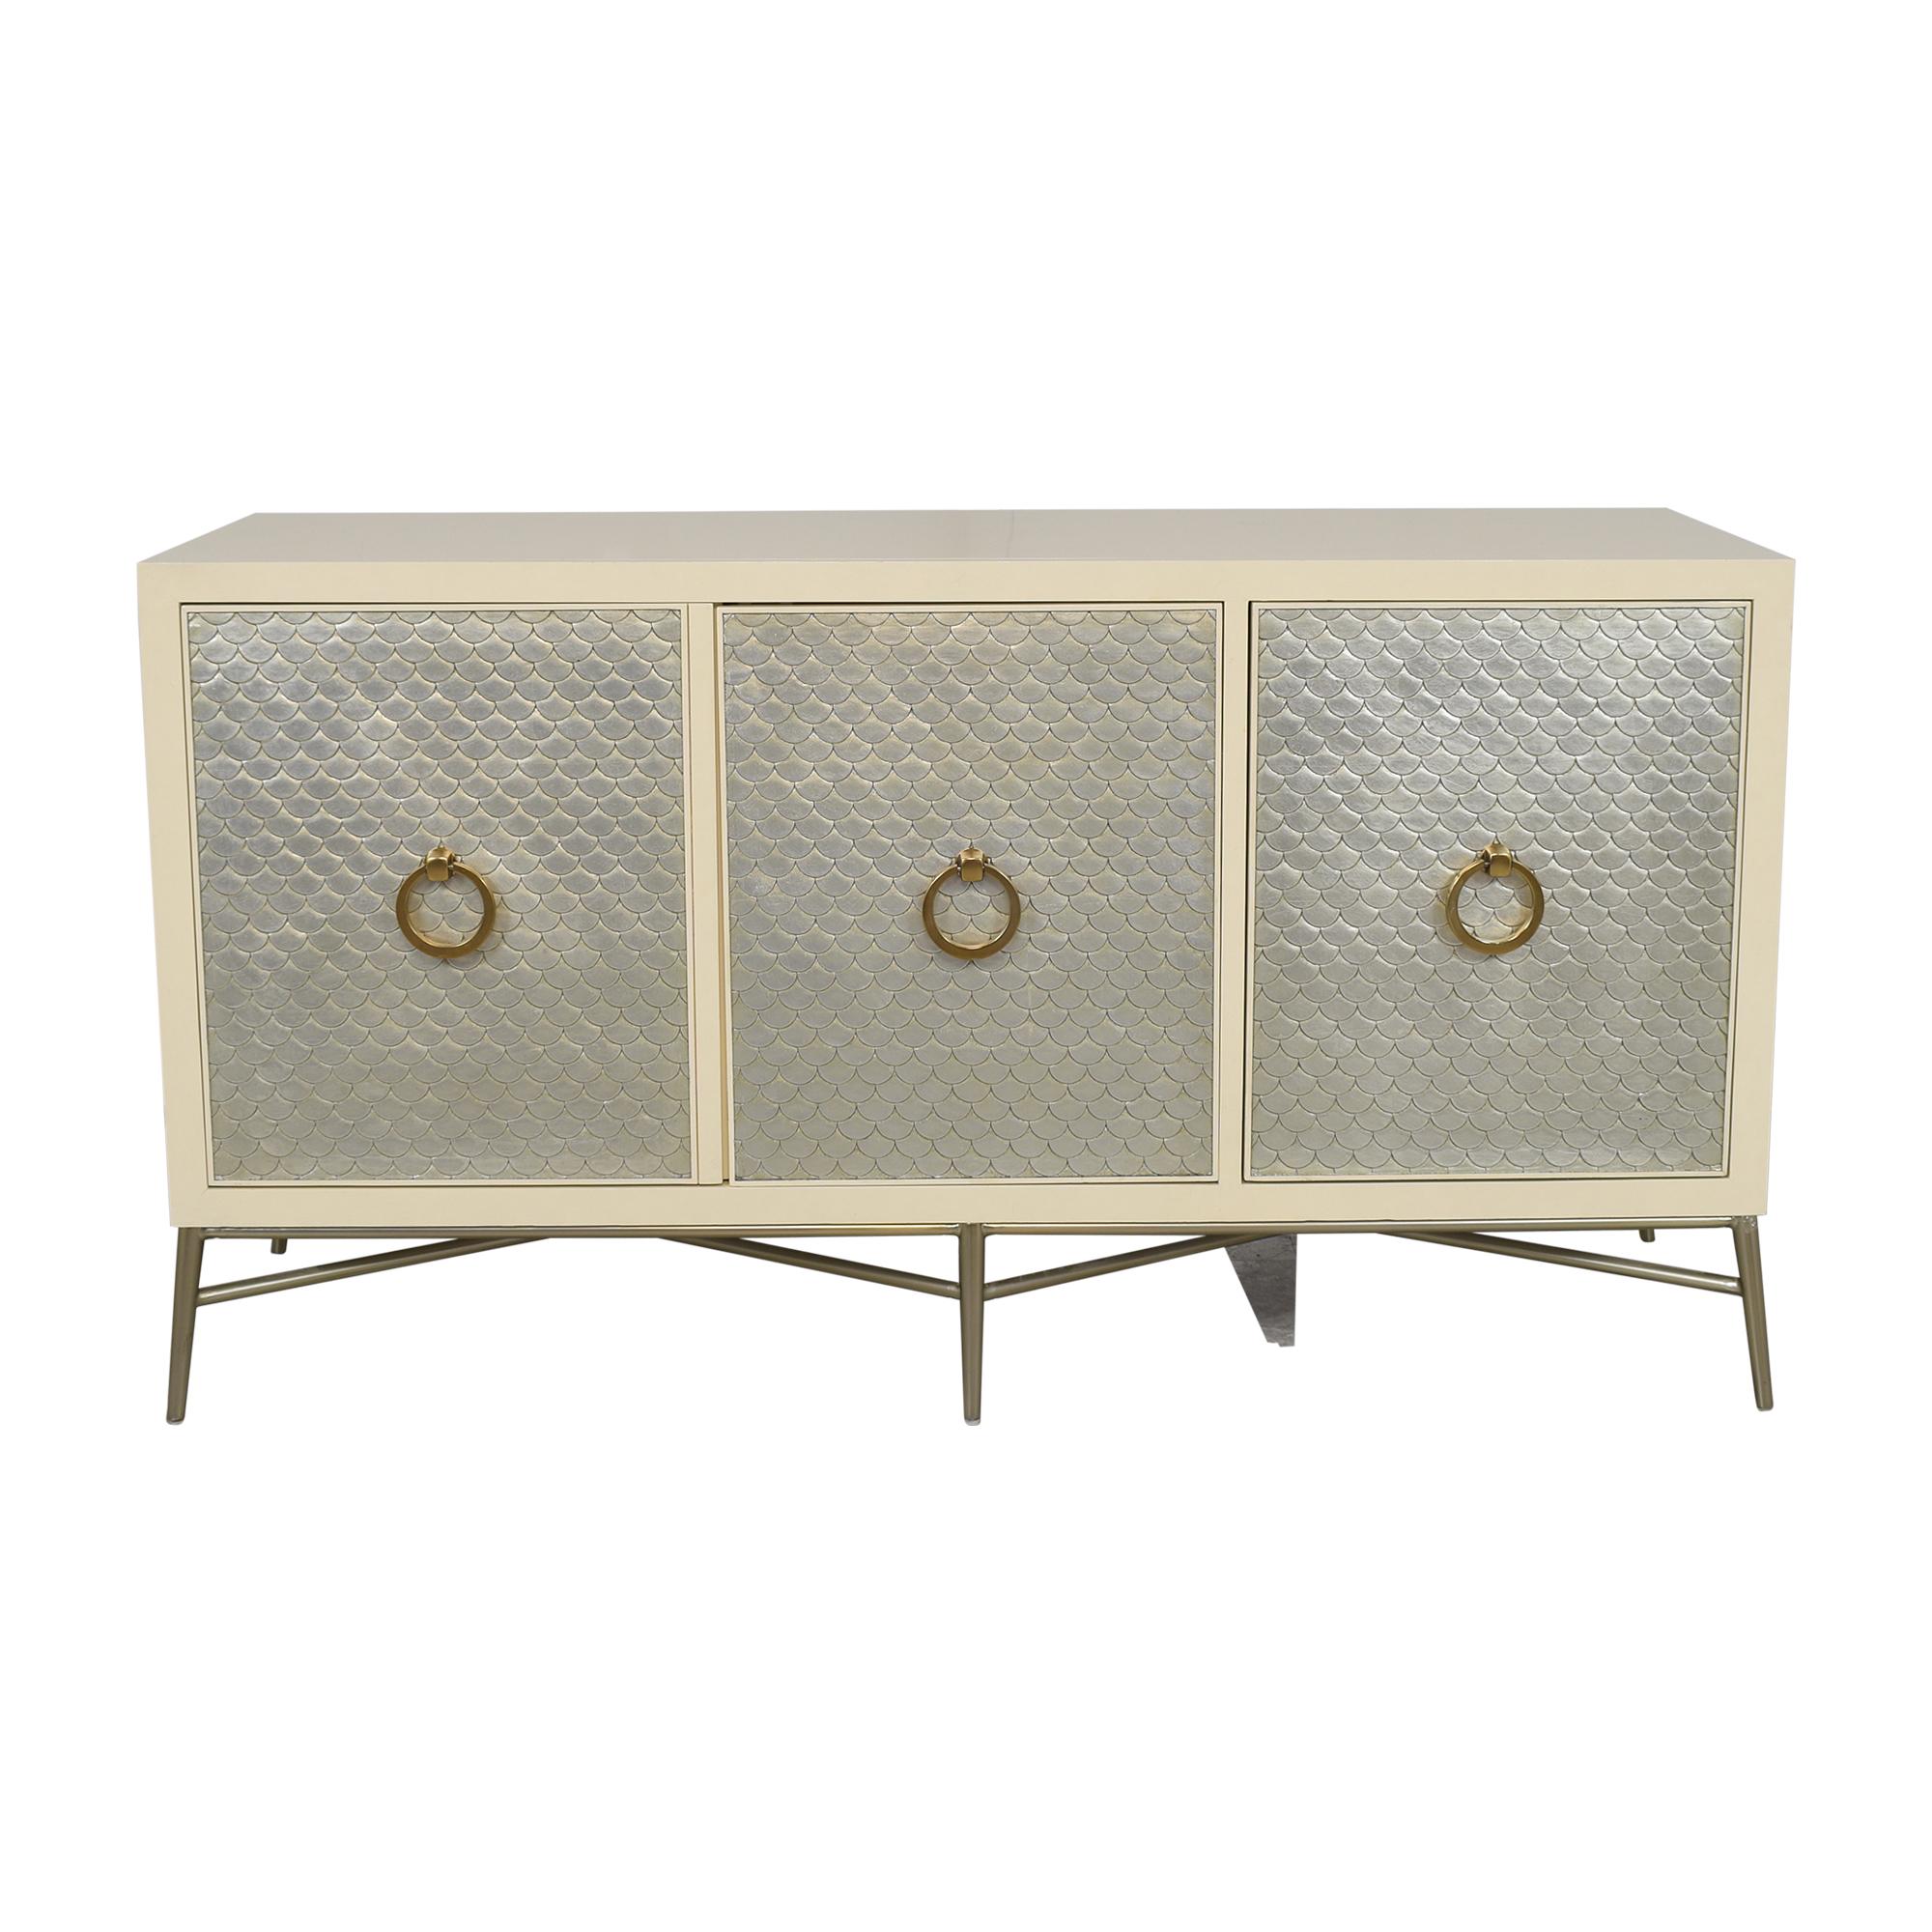 Bernhardt Bernhardt Salon Sideboard Storage